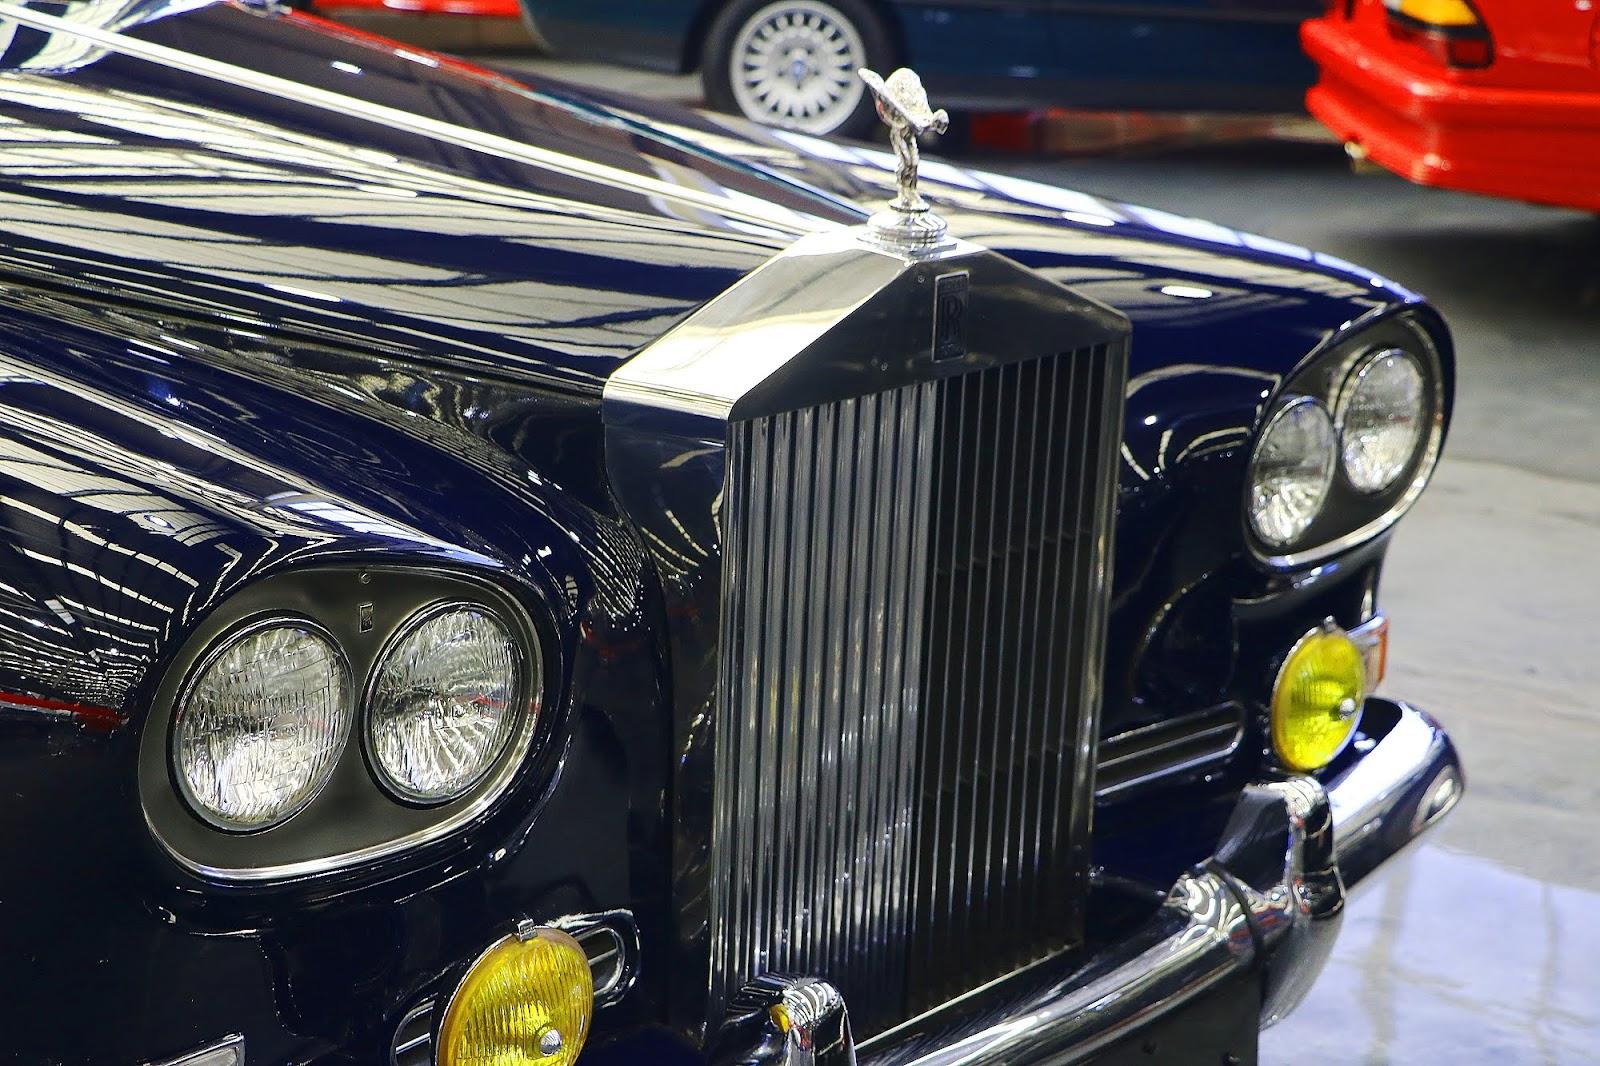 1965 Rolls Royce Silver Cloud III (14).jpg